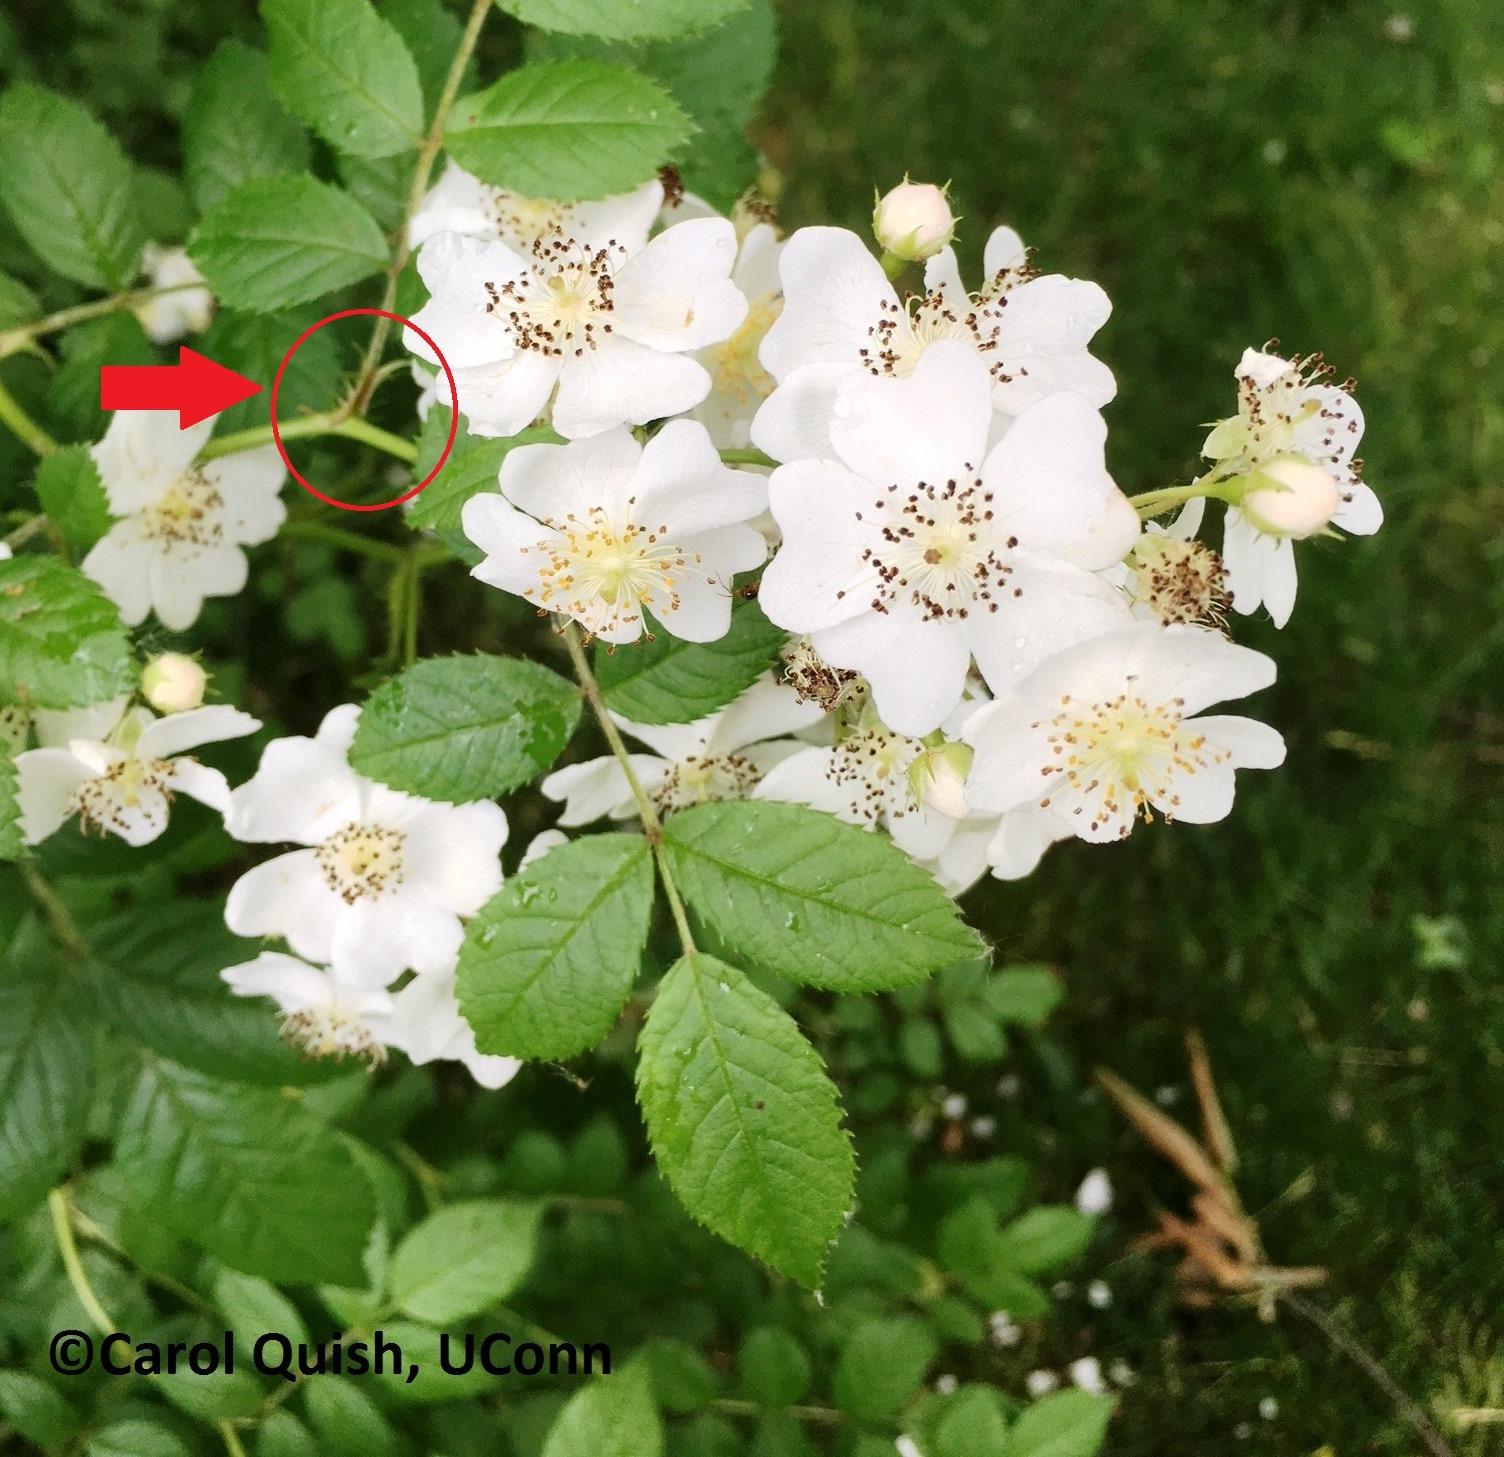 Rose, multiflower, C.Quish